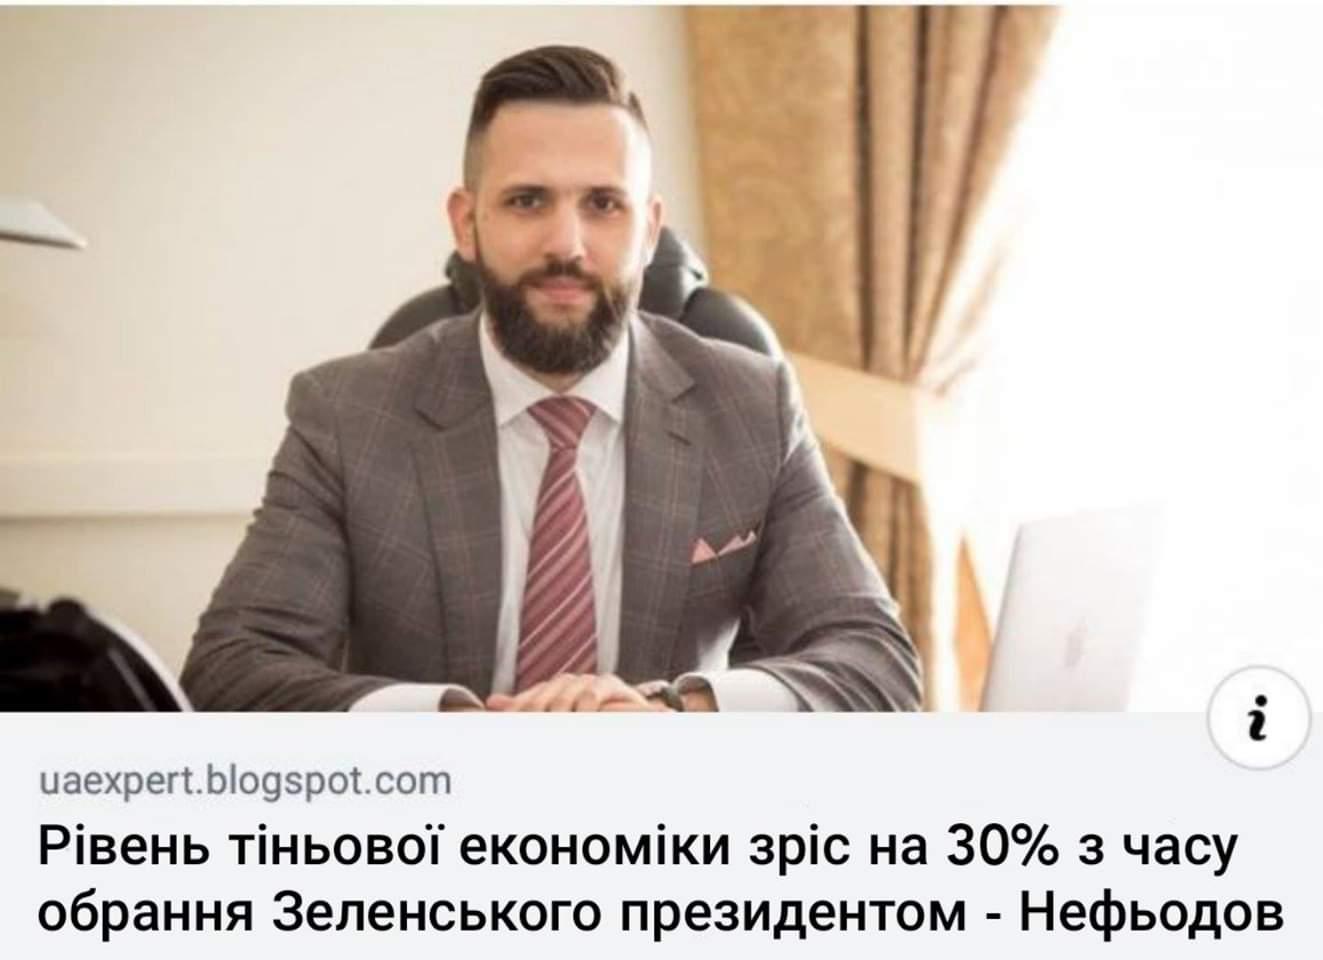 Новий склад Ради насамперед займеться економічними питаннями, - Стефанчук - Цензор.НЕТ 562